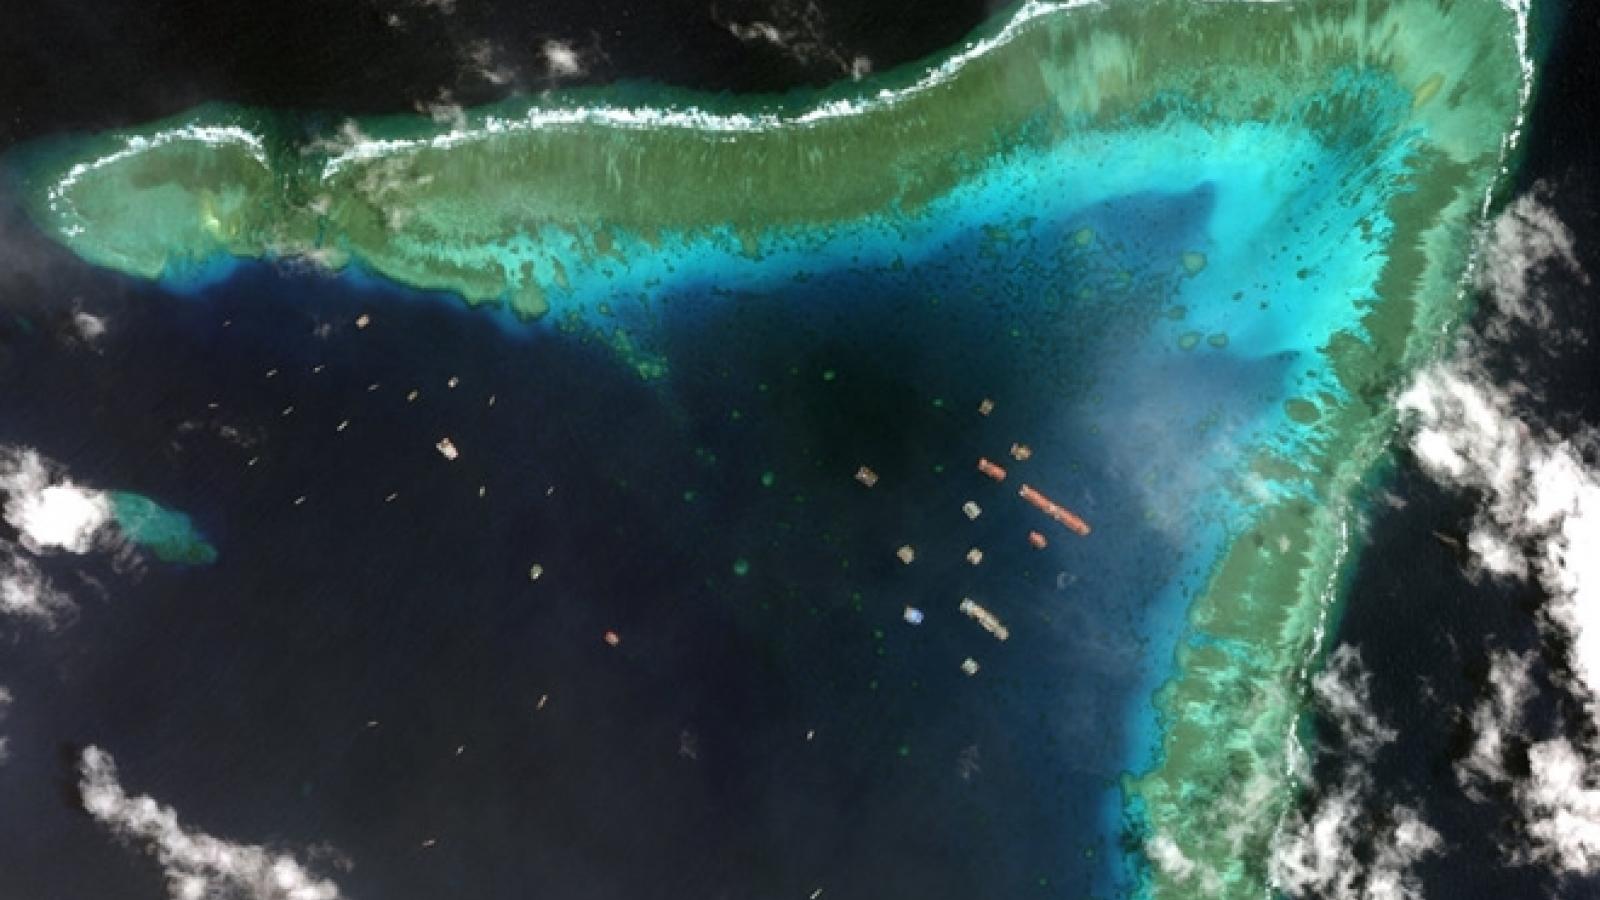 Chuyên gia Mỹ: Tàu Trung Quốc hủy hoại nghiêm trọng môi trường Biển Đông